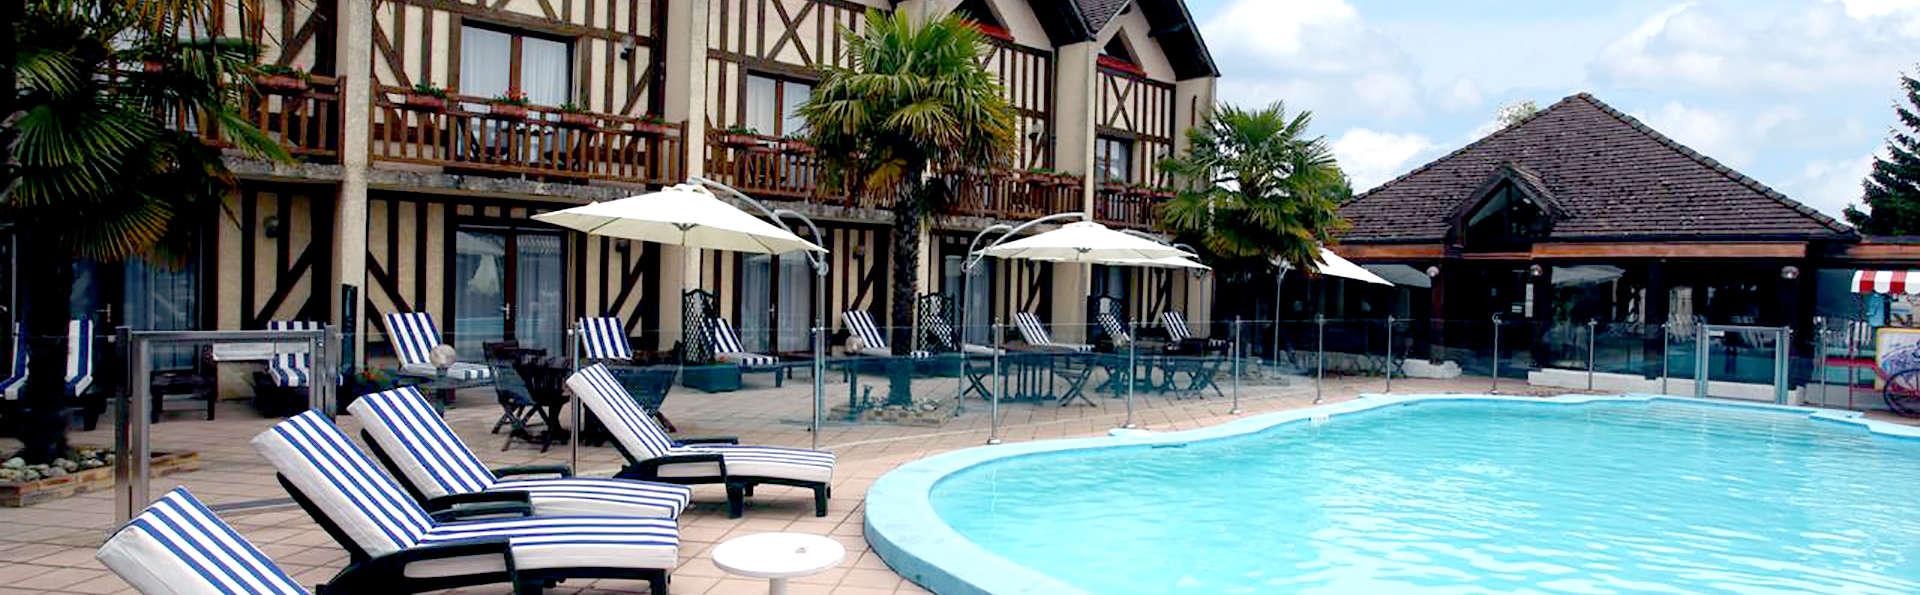 Le Clos Deauville Saint-Gatien  - Edit_Pool2.jpg